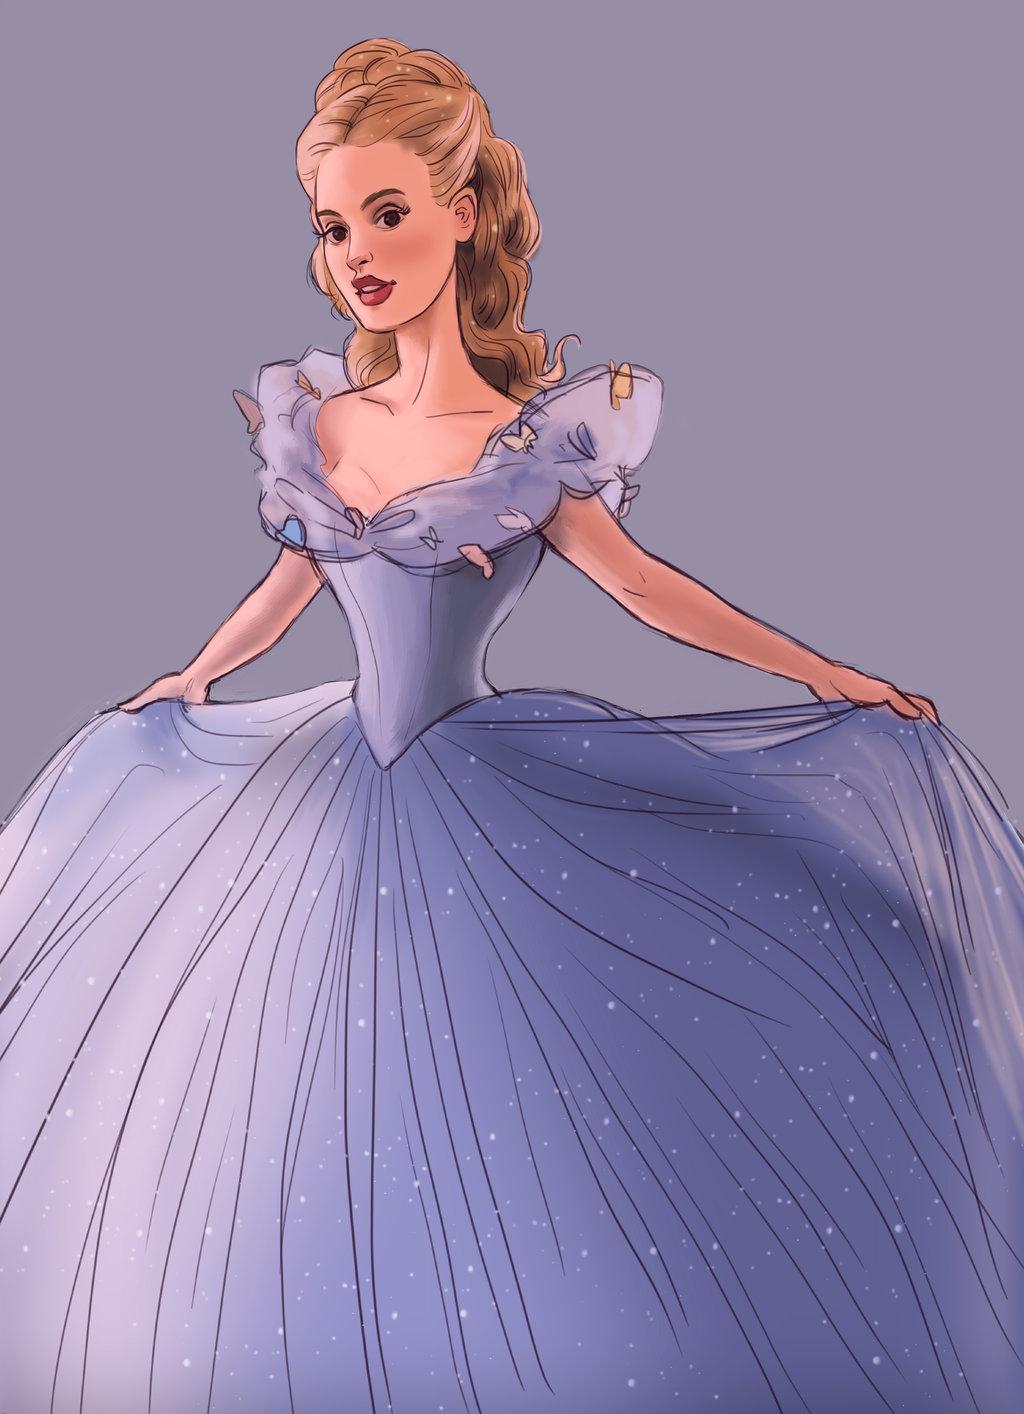 Аниме девушка в бальном платье